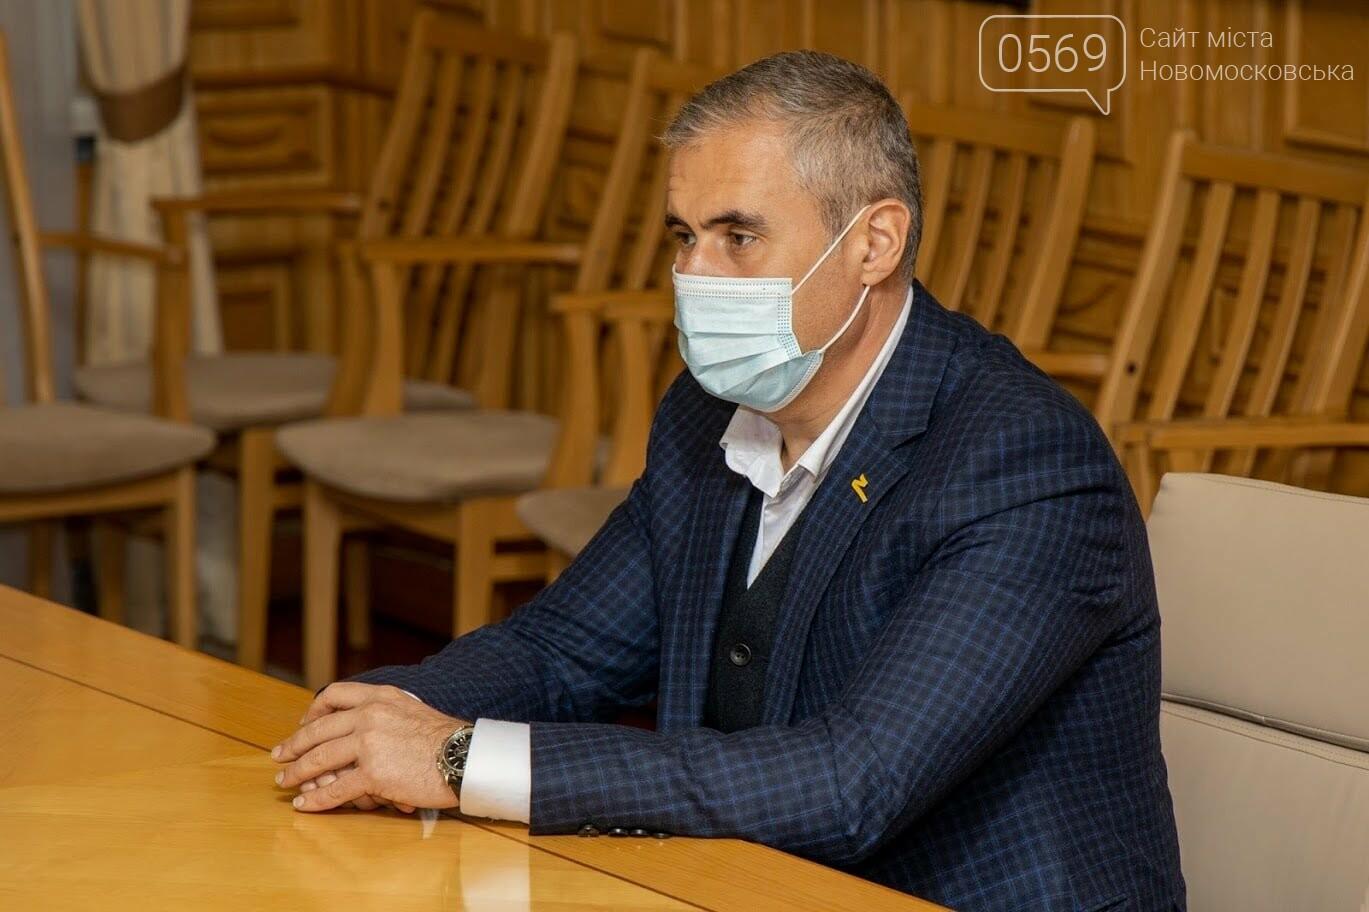 З новообраним очільником Новомосковська зустрівся голова Дніпропетровської ОДА, фото-1